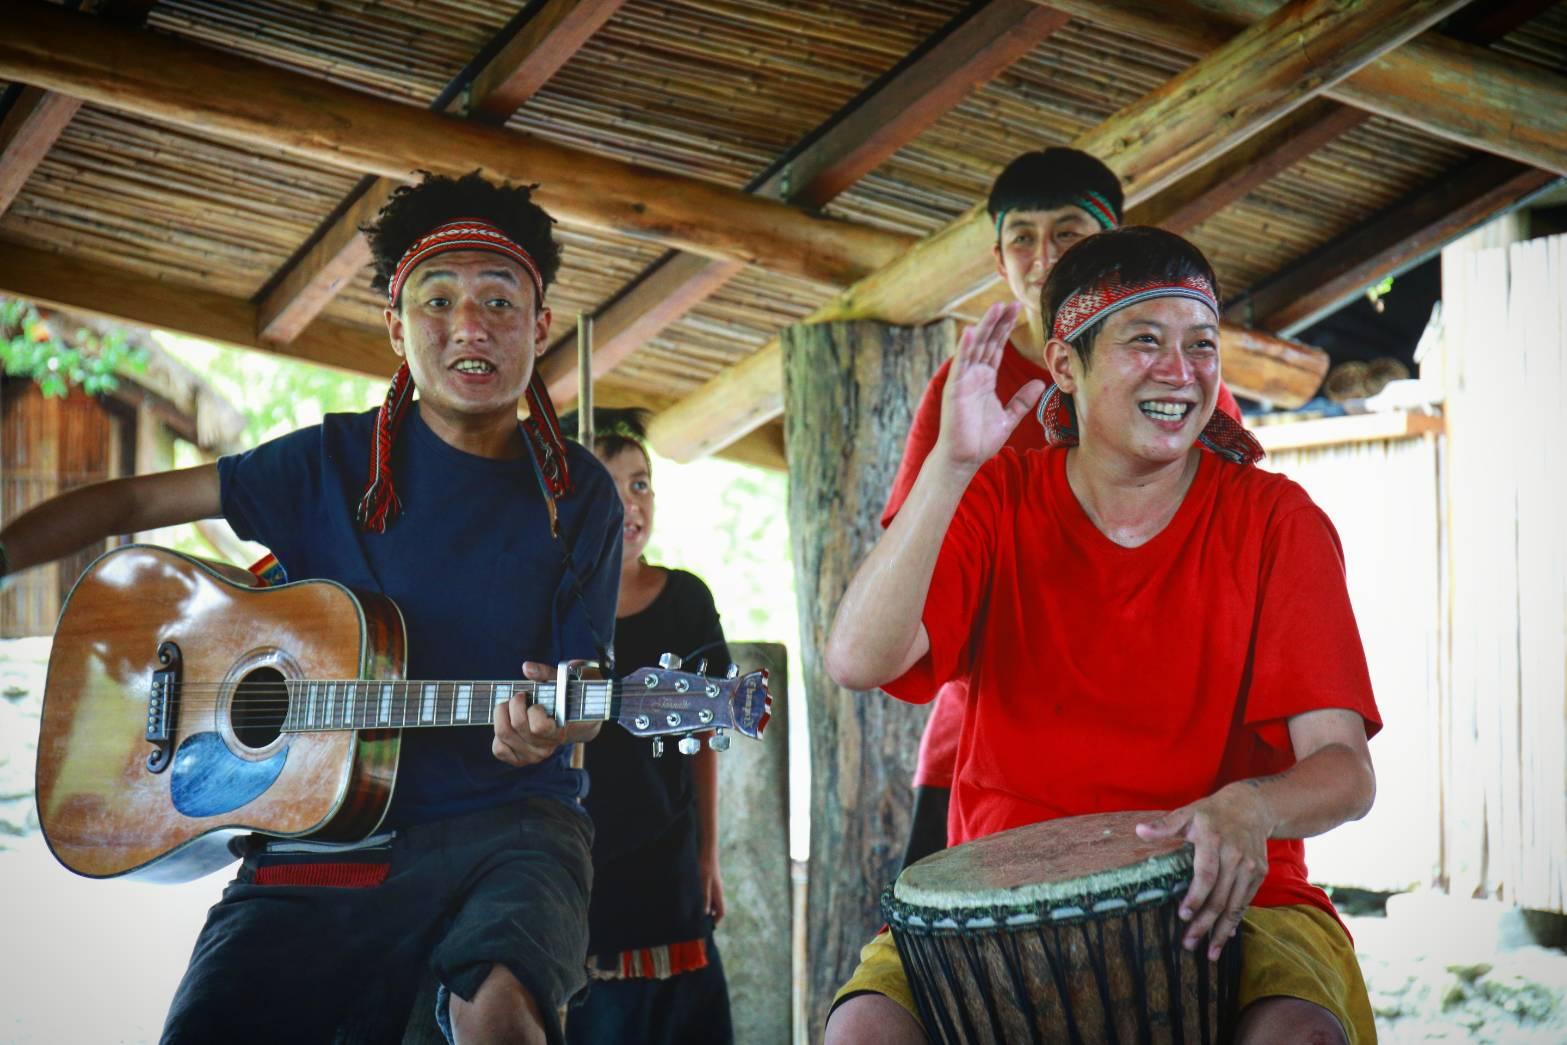 用餐之間,族人帶來輕快、經典的泰雅歌曲並與大家遊戲同樂。陳心慈攝影